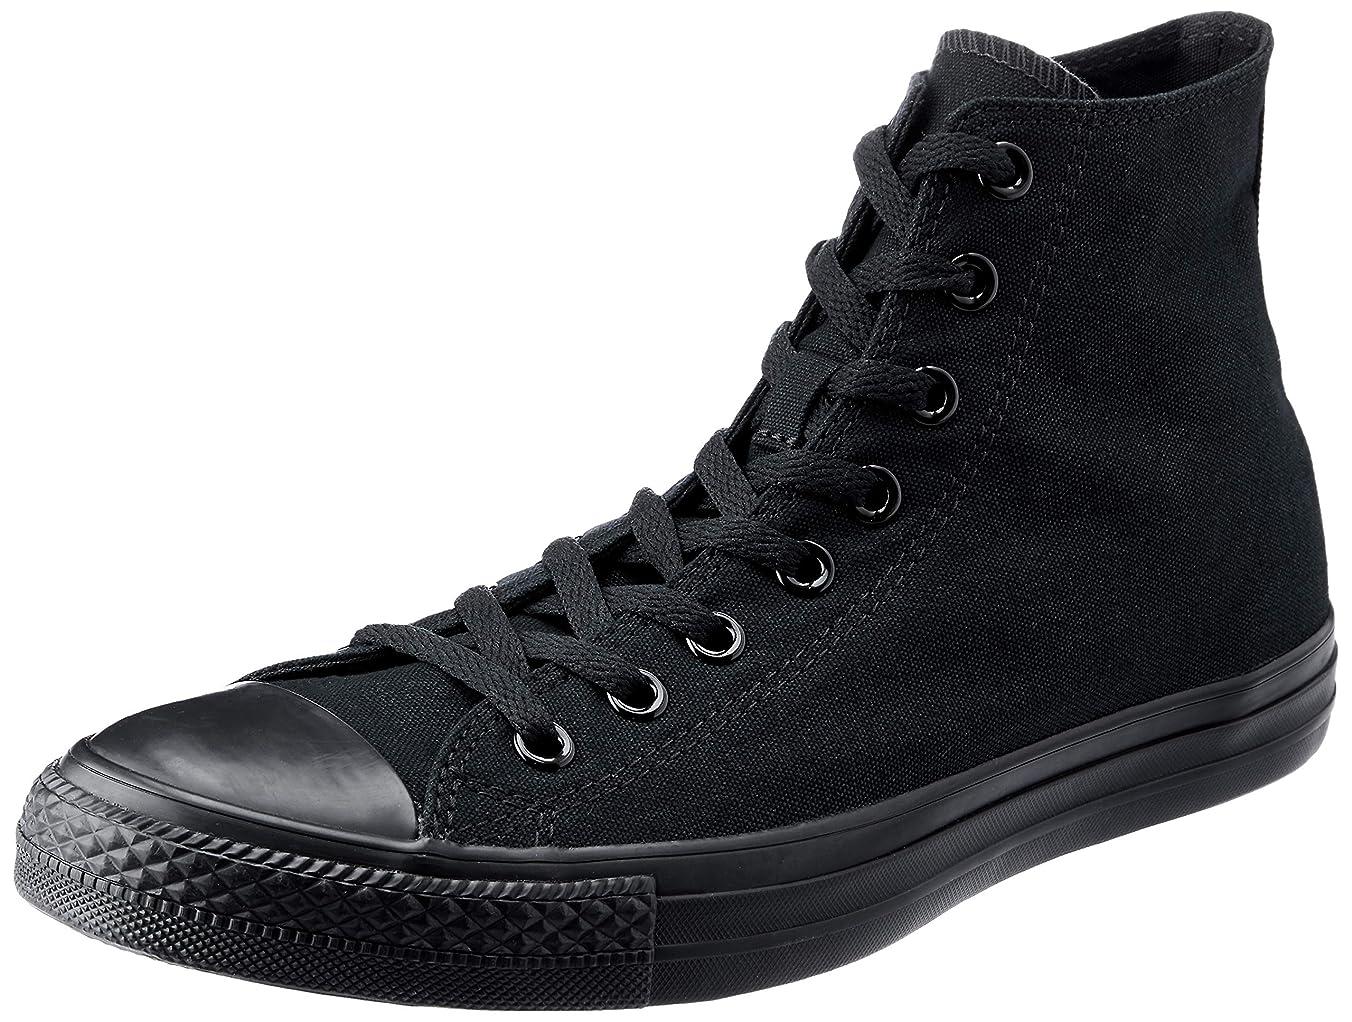 公平ショルダーイサカ[コンバース] ユニセックス?アダルト メンズ CONV-M9160C US サイズ: Men's 7.5, Women's 9.5 Medium カラー: ブラック